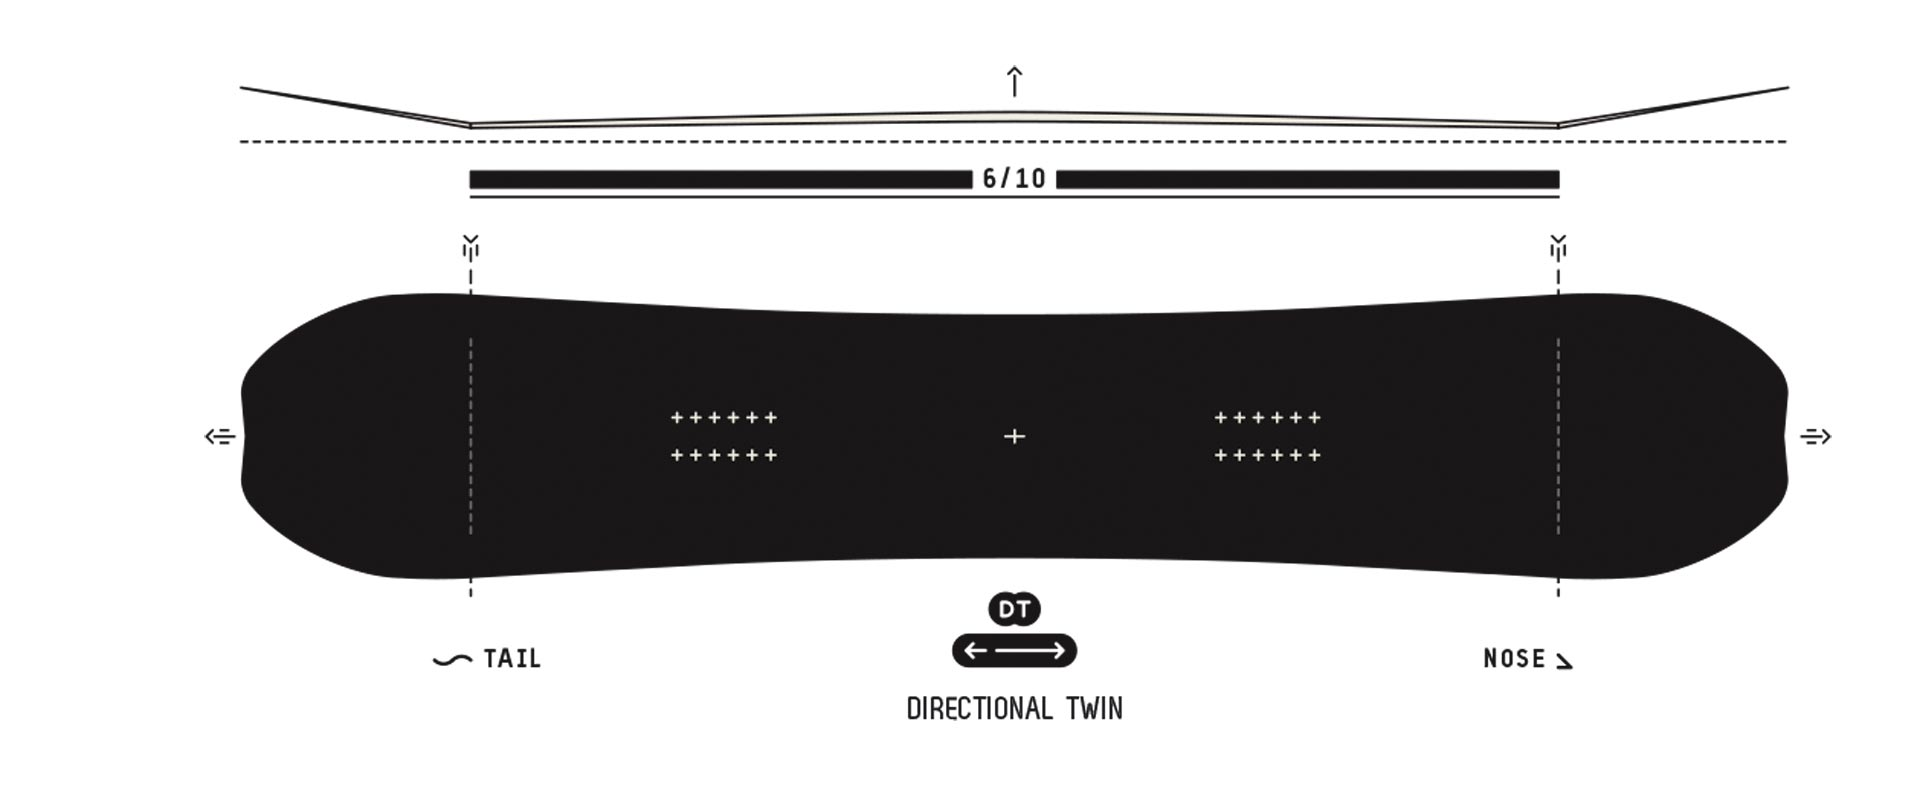 Der Directional Twin-Shape macht das ATV perfekt für Backcoun- try-Freestyle und Switch-Landungen in tiefem Schnee. Der Camber sorgt dabei für den nötigen Pop und die schwal- benschwanzartigen Aussparungen an Nose und Tail für mehr Auftrieb.